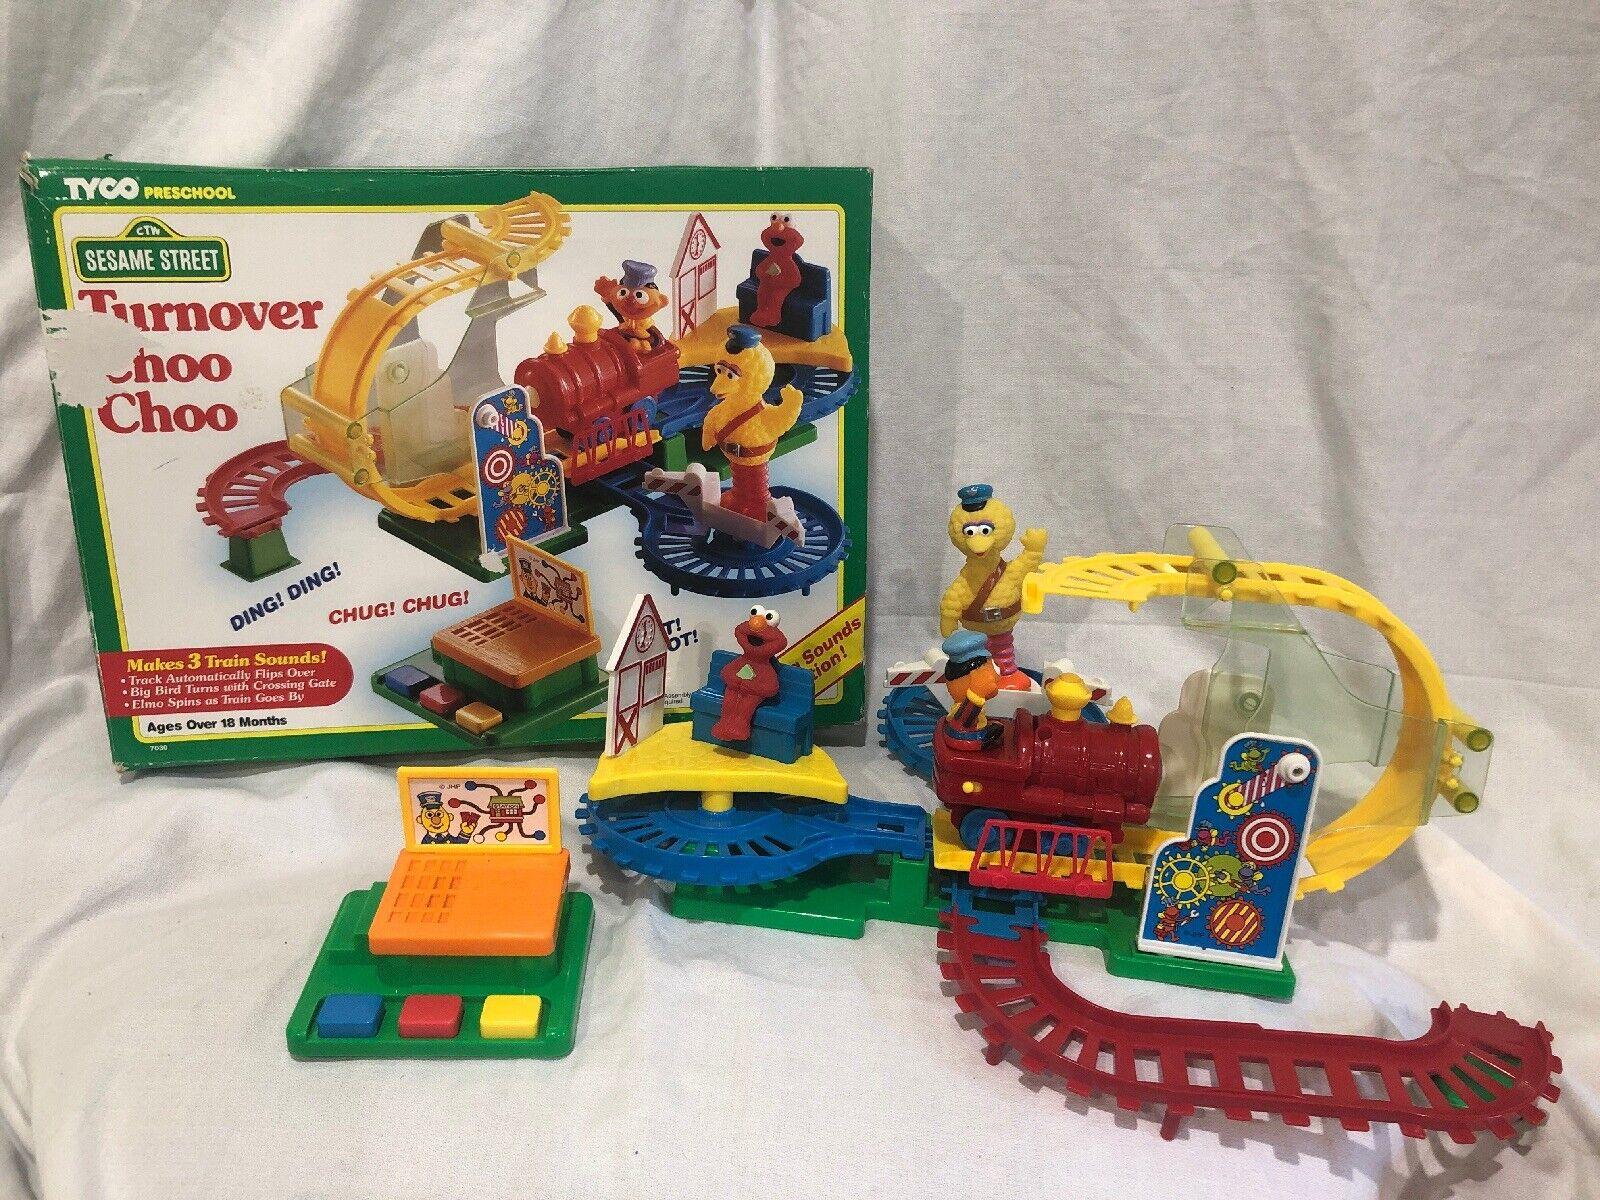 Vintage Tyco Preschool 1993 Sesame Street Turnover Choo-Choo w Ernie as Engineer